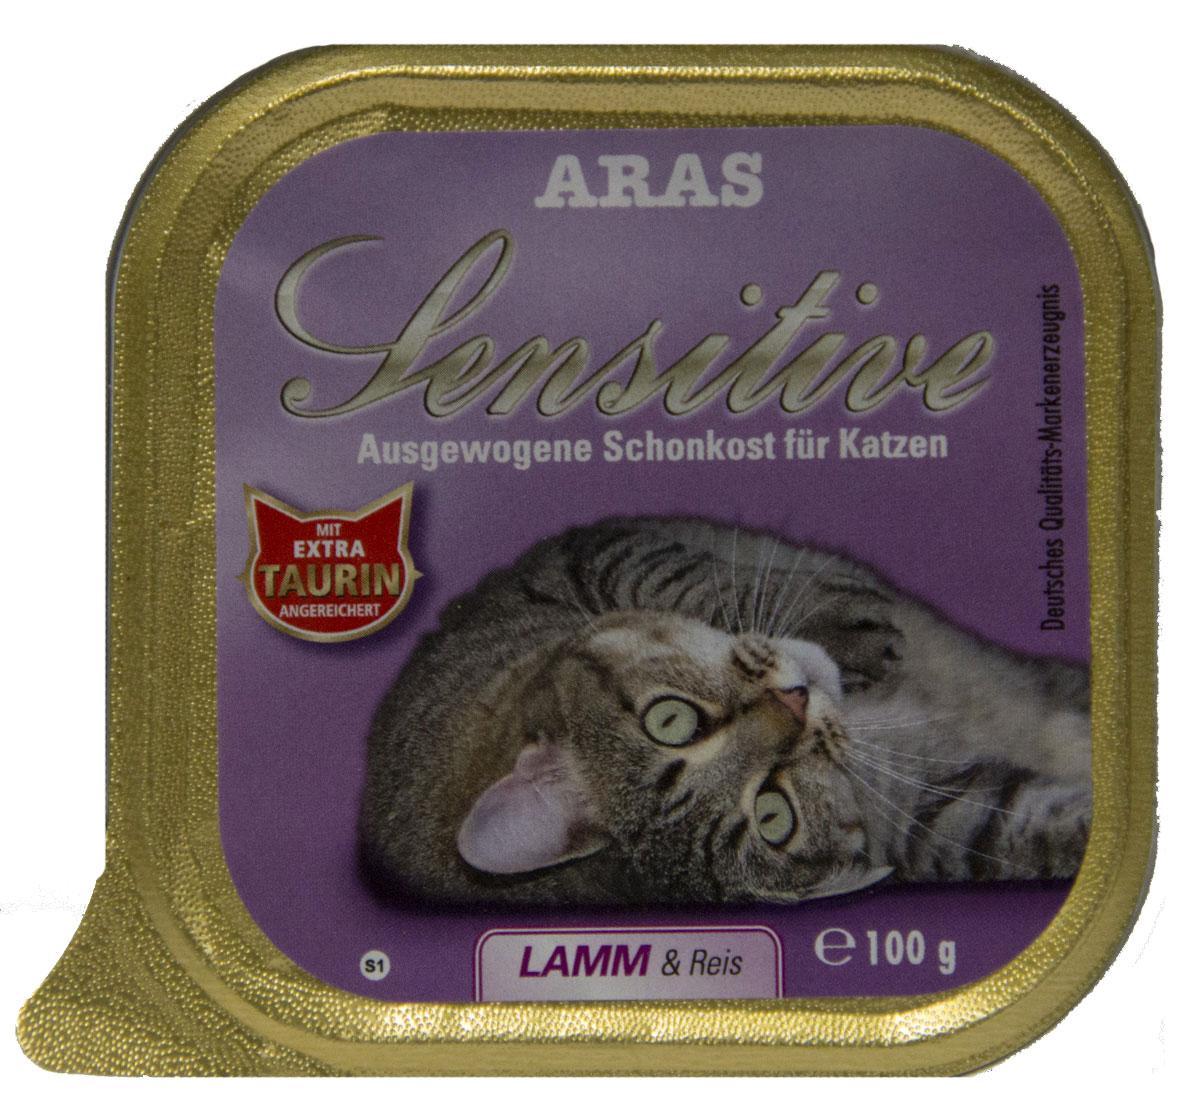 Консервы Aras Sensitive для кошек с чувствительным пищеварением, с бараниной и рисом, 100 г0120710Консервы Aras Sensitive - натуральное диетическое питание пониженной калорийности для кошек всех пород с чувствительным пищеварением, пожилых или с избыточным весом. Также идеально подходит для кошек с проблемами пищеварения и аллергиями. Особенности корма: - Приготовлен из стопроцентного мяса индейки или баранины- Без химических красителей, усилителей вкуса- Без искусственных консервантов- Без химических добавок- Со стопроцентным рисом - единственным источником углеводов- Исключительно из свежих ингредиентов- При производстве максимально сохранены витамины- Гарантия свежести- Дополнительная порция таурина- Диетическое питание пониженной калорийностиСостав: свежее мясо баранины и субпродукты 98%, рис 1%, минералы 1%, таурин 150мг/кг. Пищевая ценность: белки 8,1%, жиры 3,9%, зола 2,5%, клетчатка 0,3%, влажность 79,9%. Товар сертифицирован.